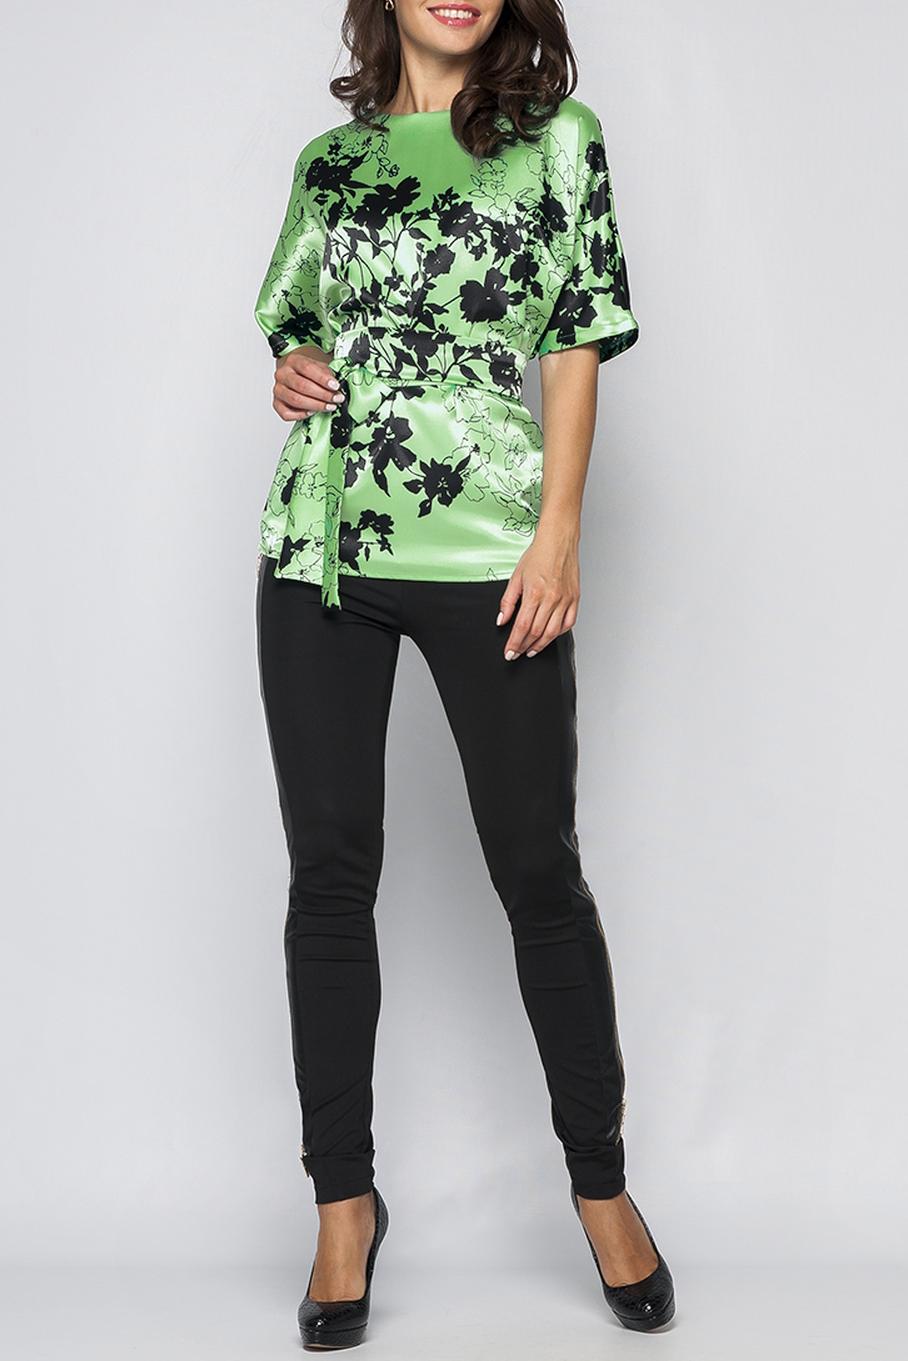 БлузкаБлузки<br>Элегантная женская блуза. Модель полуприлегающего силуэта из легкого атласного материала, имеет неглубокий вырез горловины на внутренней обтачке, свободные рукава длиной до локтя. По среднему шву спинки идут застежки - пуговицы. Такая блузка прекрасно подойдет для повседневных или офисных образов, легкий материал и сводобный крой придадут комфорт, а цветочный принт и пояс на талии сделают Вас более женственной и элегантной. Принт купонный, расположение рисунка может меняться.  Блузка без пояса.  Параметры изделия:  44 размер: обхват груди - 108 см, длина рукава - 31 см, длина изделия - 65 см;  52 размер: обхват груди - 116 см, длина рукава - 32 см, длина изделия - 70 см.   В изделии использованы цвета: зеленый, черный  Рост девушки-фотомодели 170 см.<br><br>Горловина: Лодочка<br>По материалу: Атлас,Тканевые<br>По рисунку: Растительные мотивы,С принтом,Цветные,Цветочные<br>По сезону: Весна,Зима,Лето,Осень,Всесезон<br>По силуэту: Полуприталенные<br>По стилю: Повседневный стиль<br>Рукав: До локтя<br>Размер : 42,44,48,54<br>Материал: Атлас<br>Количество в наличии: 4